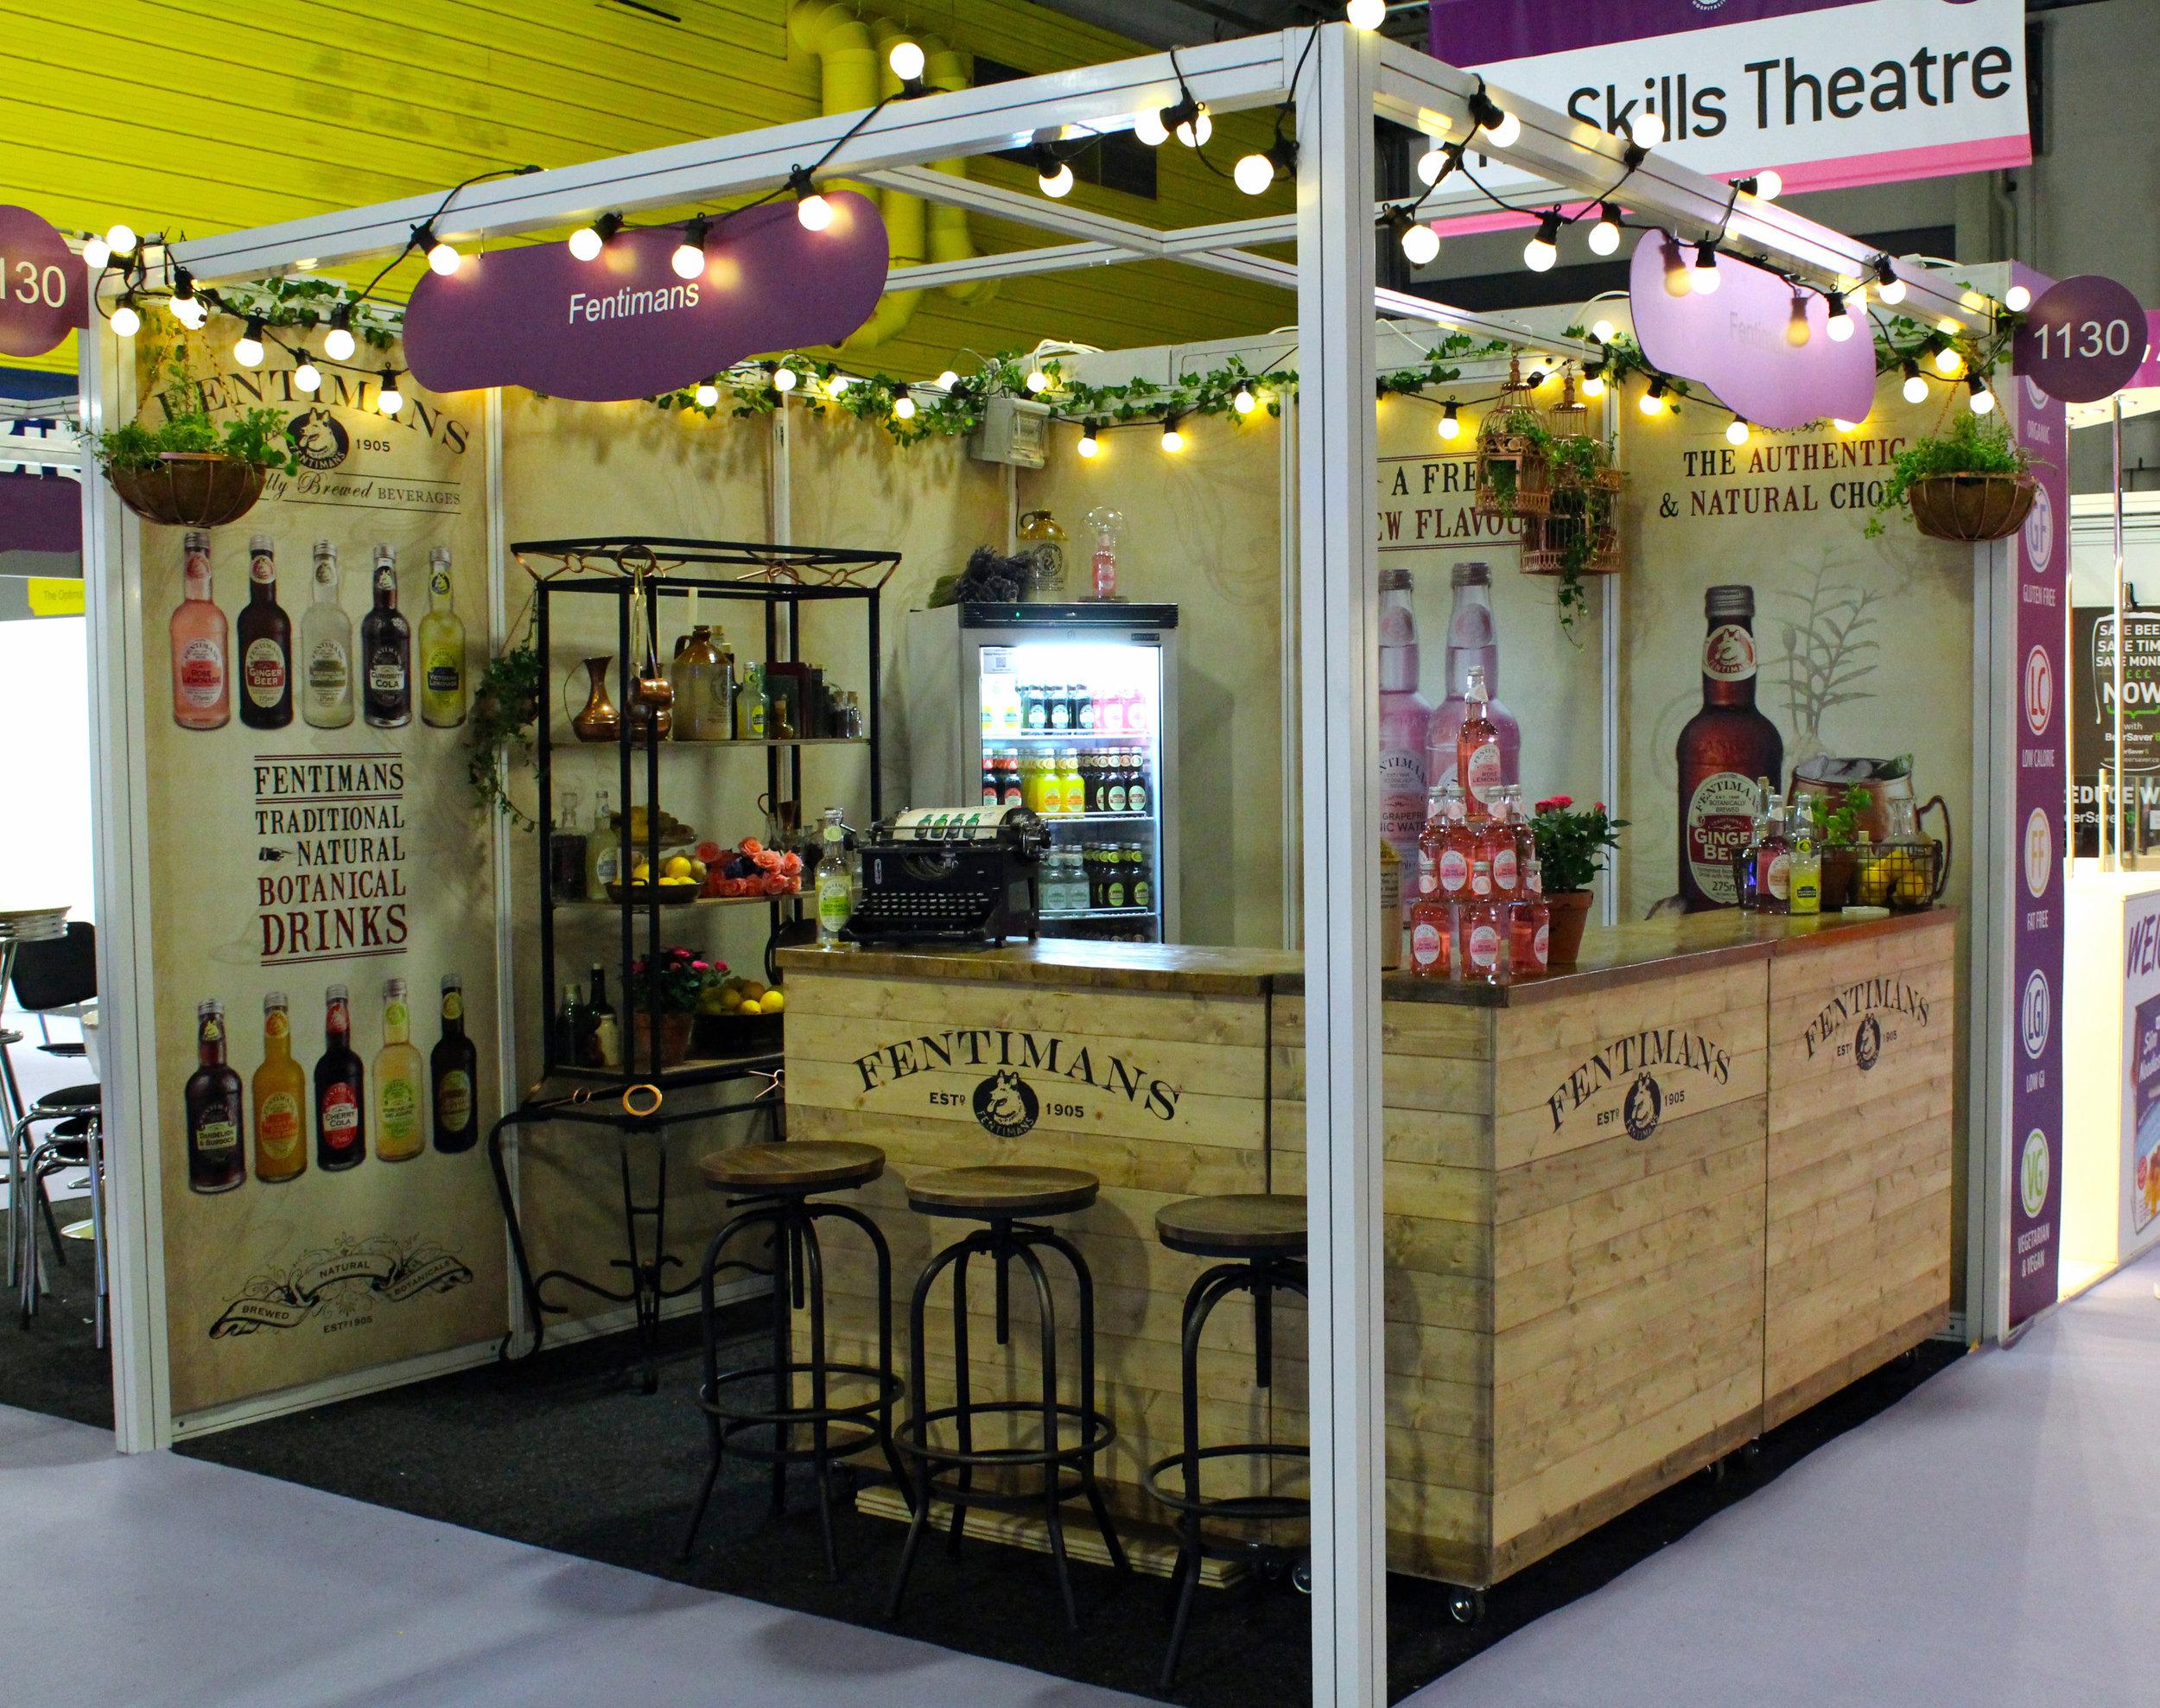 Fentimans exhibition stand 0.JPG